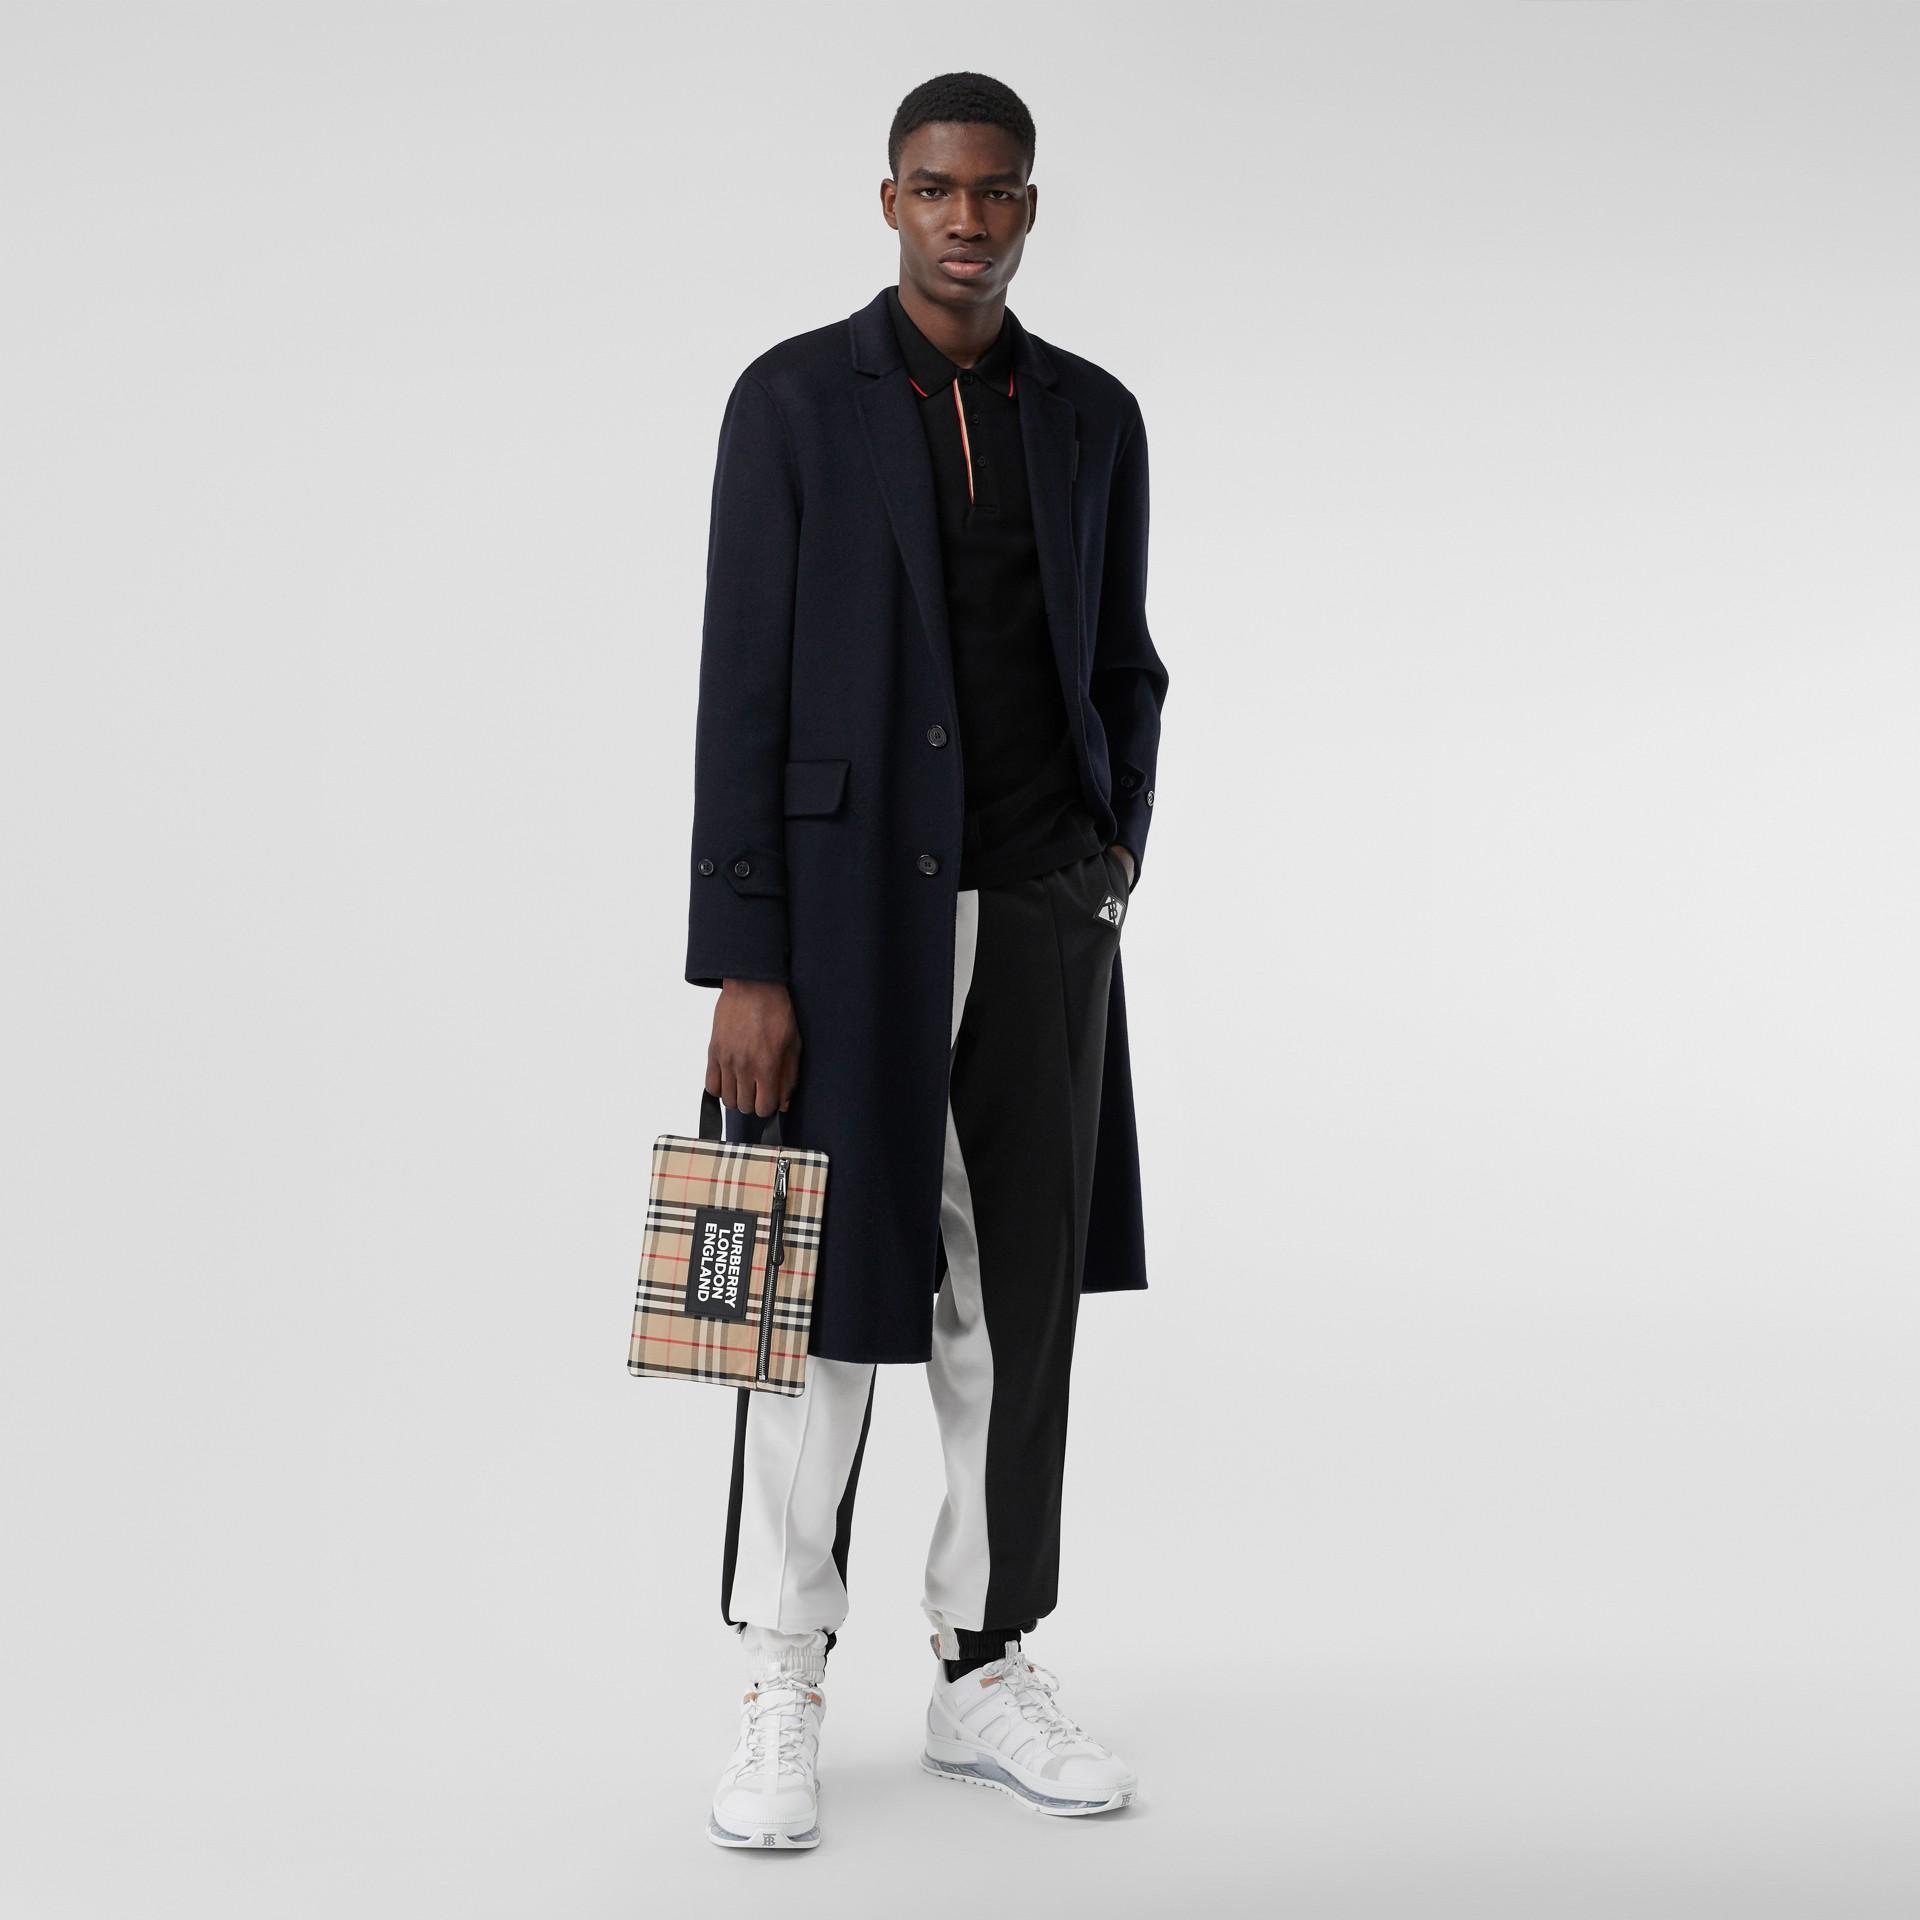 Пальто Lab Coat из кашемира (Темно-синий) - Для мужчин | Burberry - изображение 6